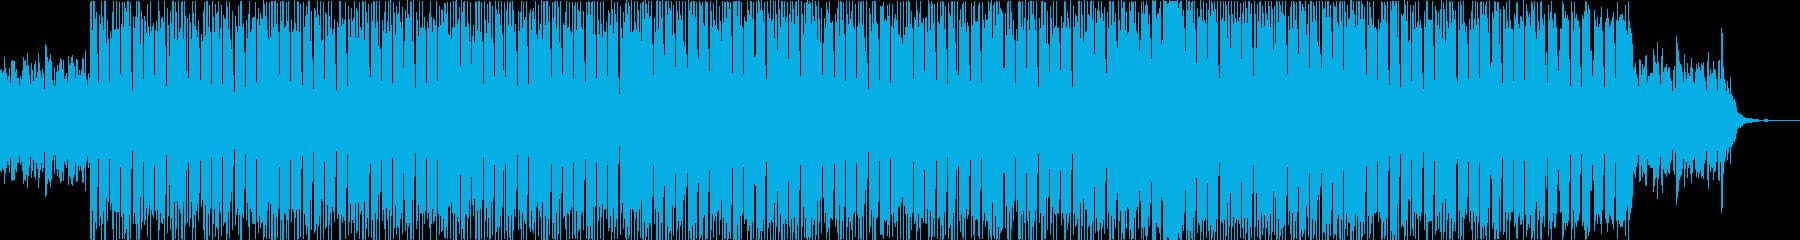 夜の静かな雰囲気を醸し出すローファイの再生済みの波形